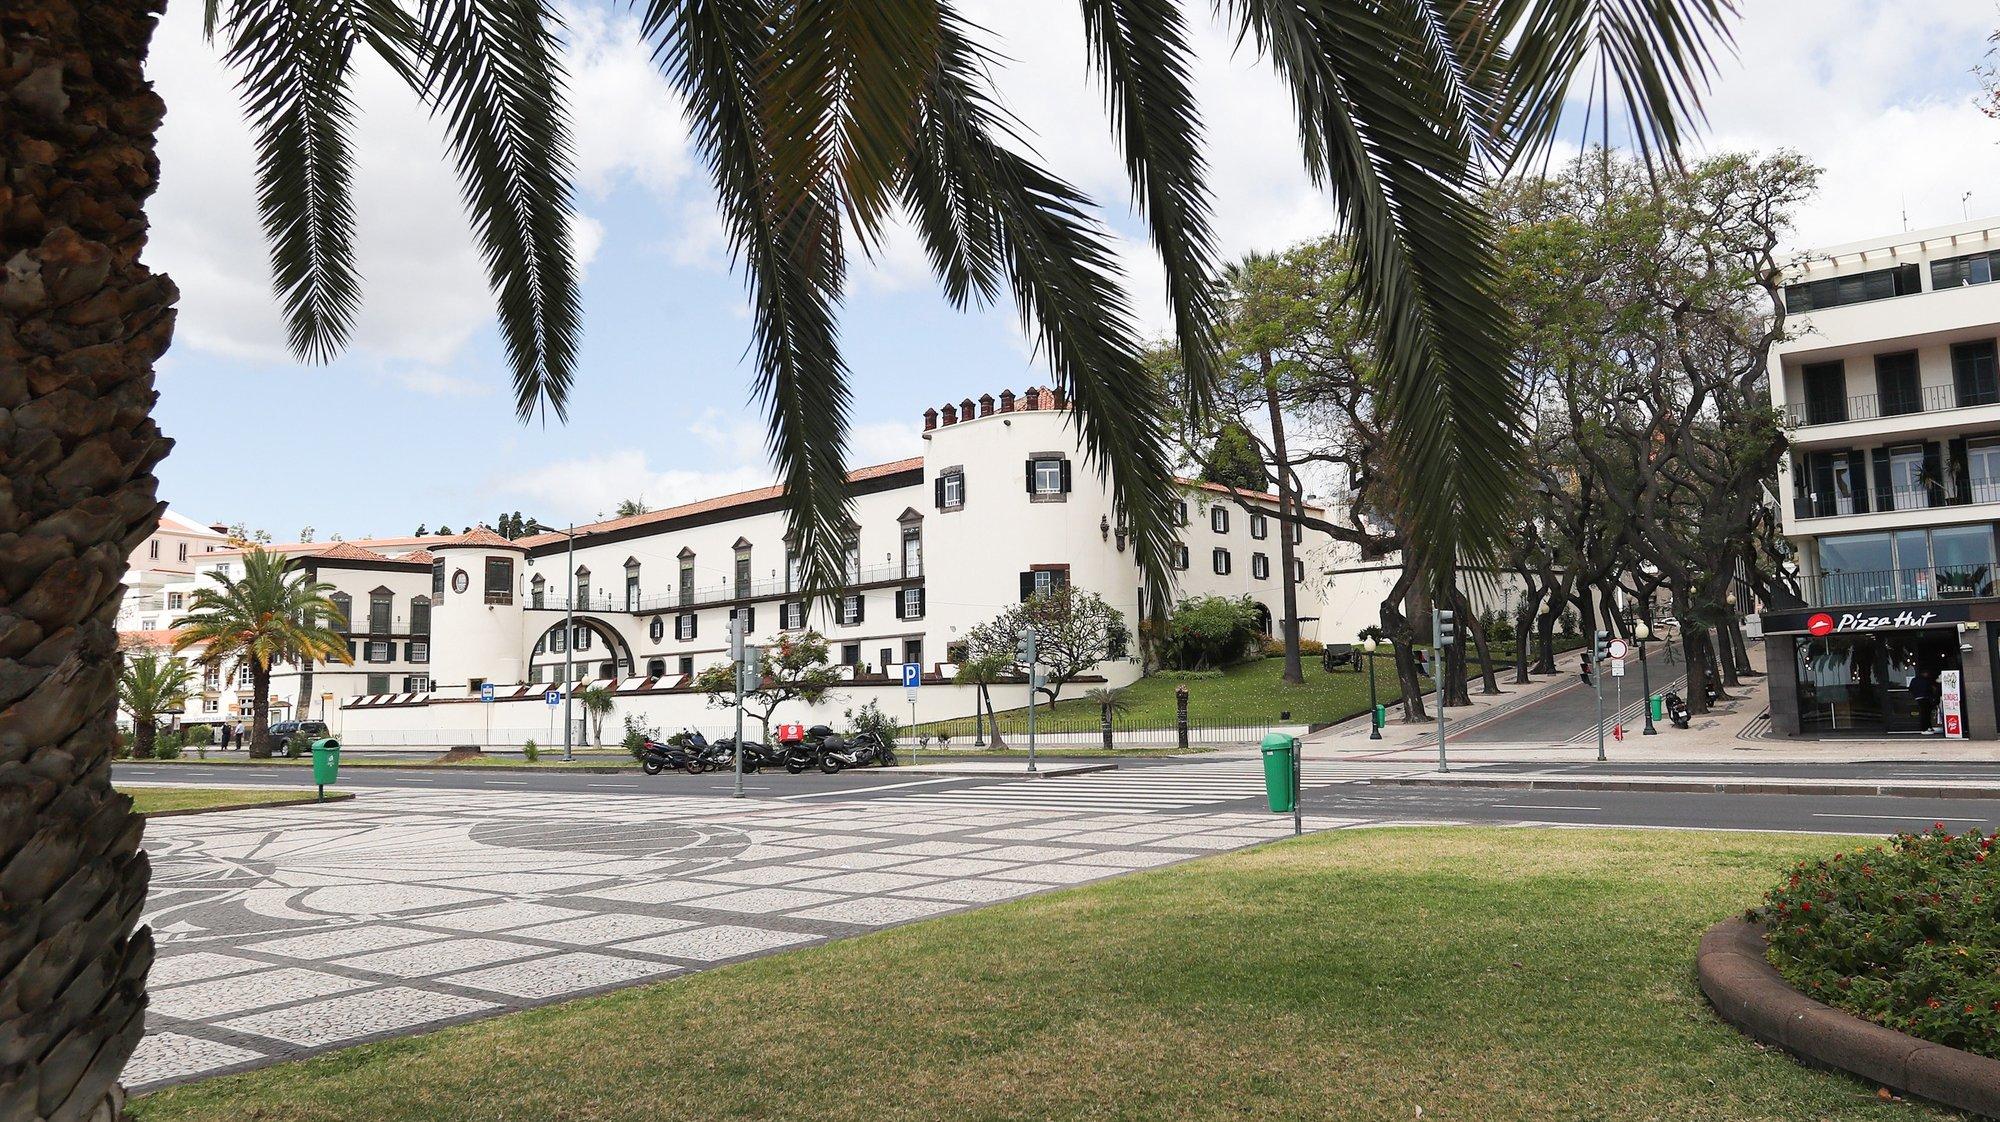 Ruas no centro do Funchal encontra-se sem pessoas devido à pandemia da covid-19, ilha da Madeira, 21 de março de 2020. Em Portugal, há 12 mortes e 1.280 infeções confirmadas. Portugal encontra-se em estado de emergência desde as 00:00 de quinta-feira e até às 23:59 de 02 de abril. HOMEM DE GOUVEIA/LUSA